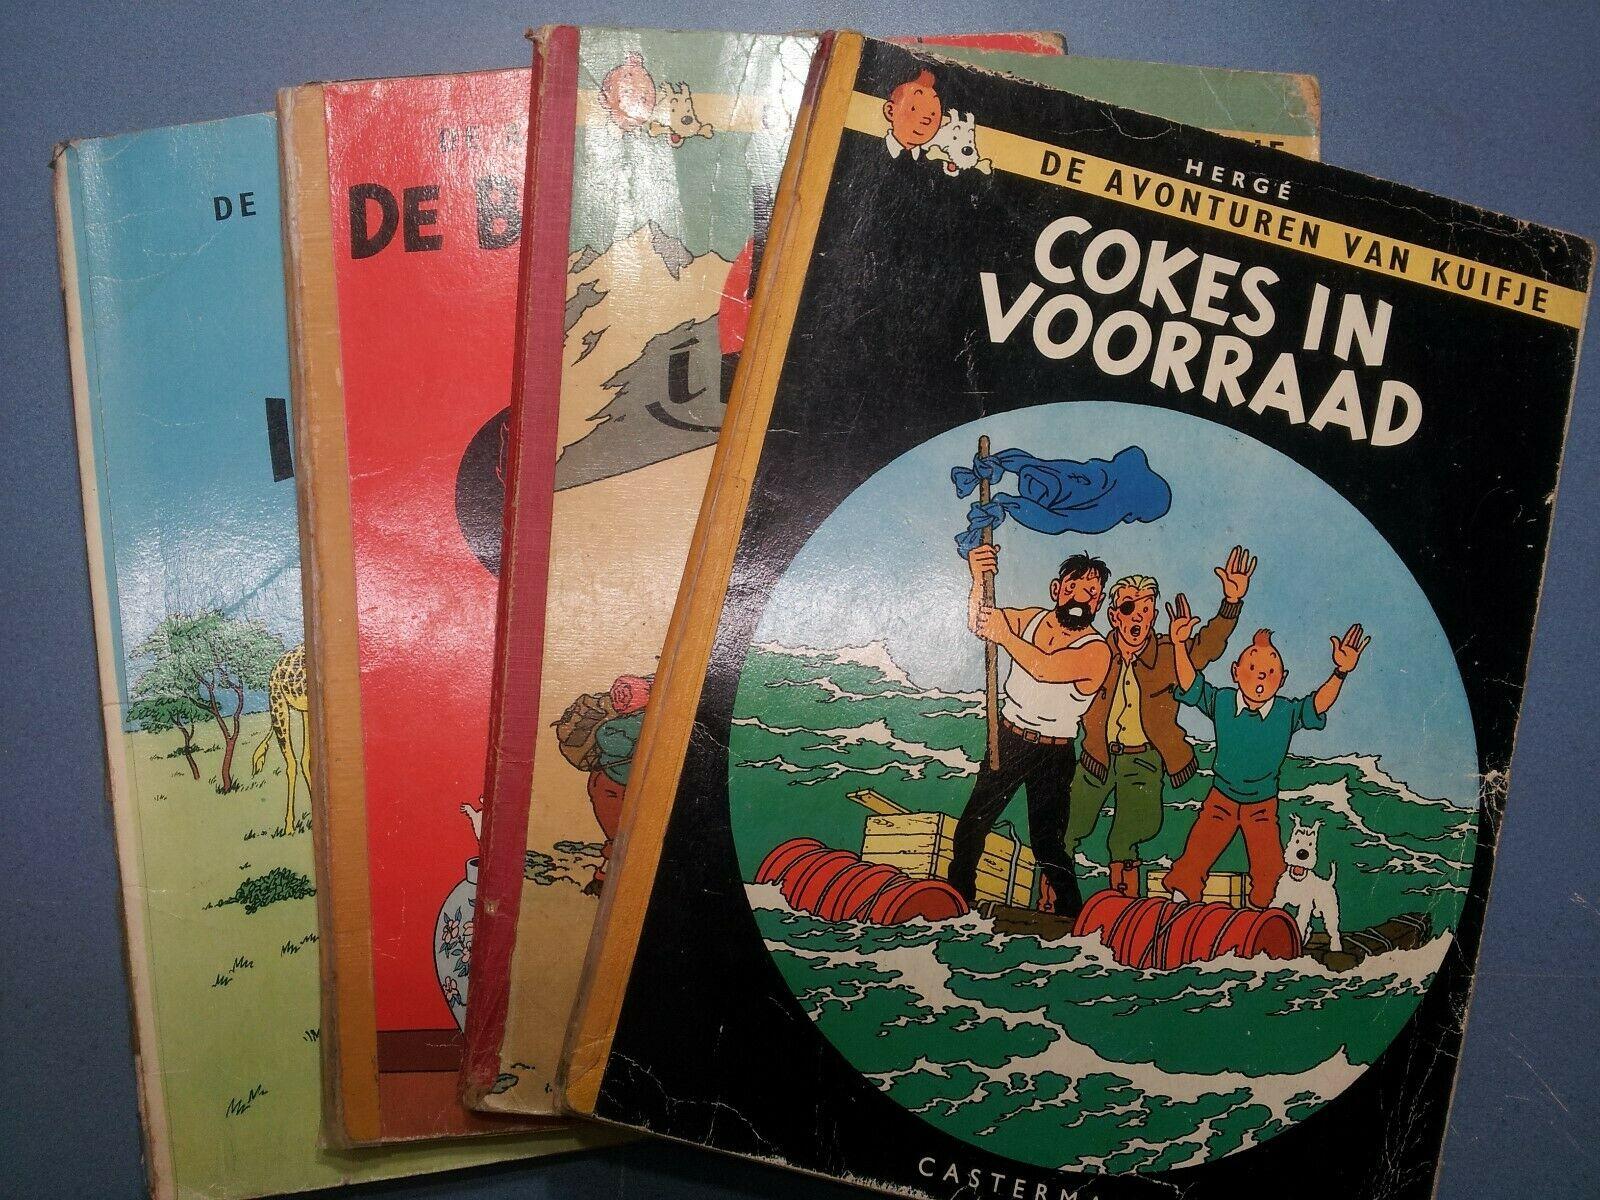 LOT DE 4 ALBUMS DE TINTIN B30EN NEERLANDAIS(KUIFJE IN TIBET, IN AFRIKA….)